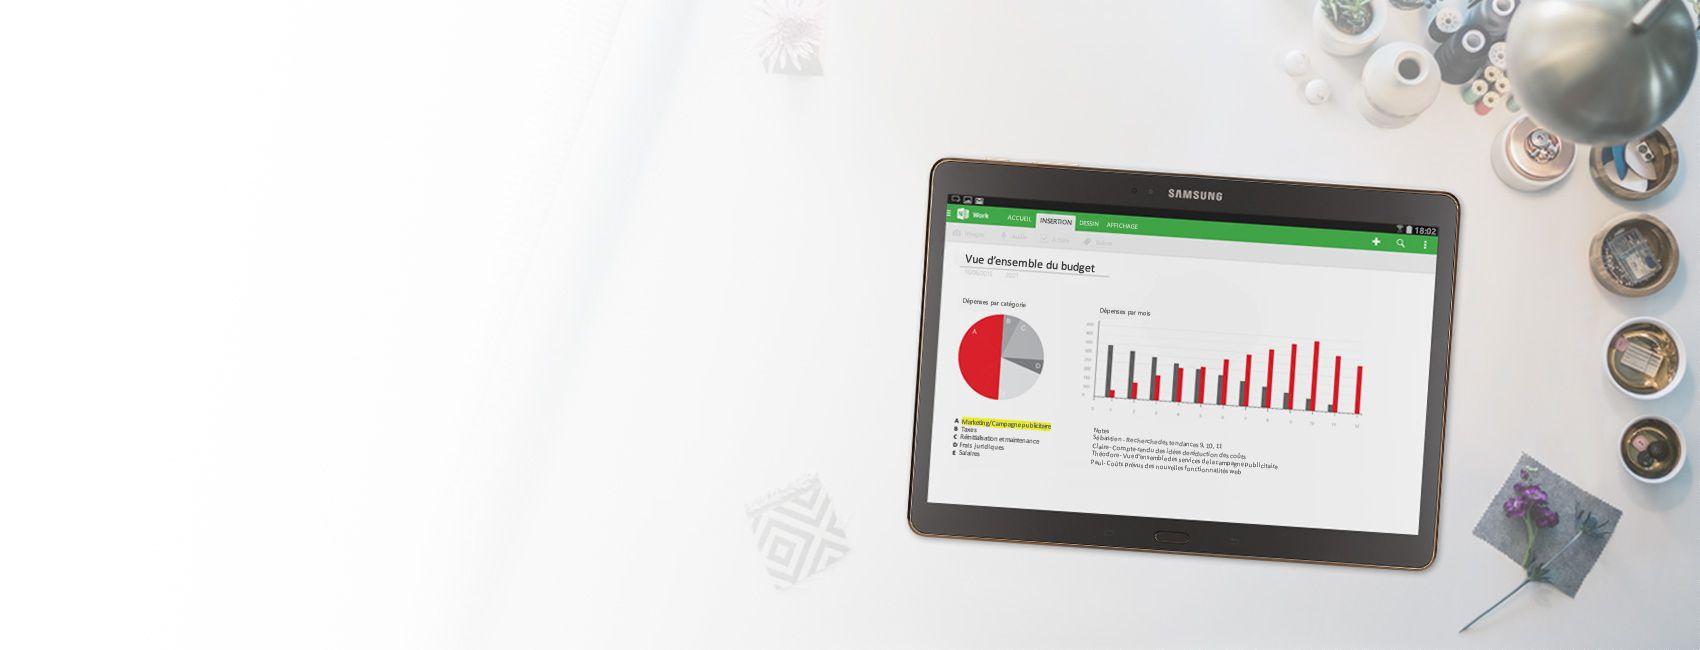 Tablette affichant un bloc-notes OneNote contenant des diagrammes et des graphiques pour la gestion du budget